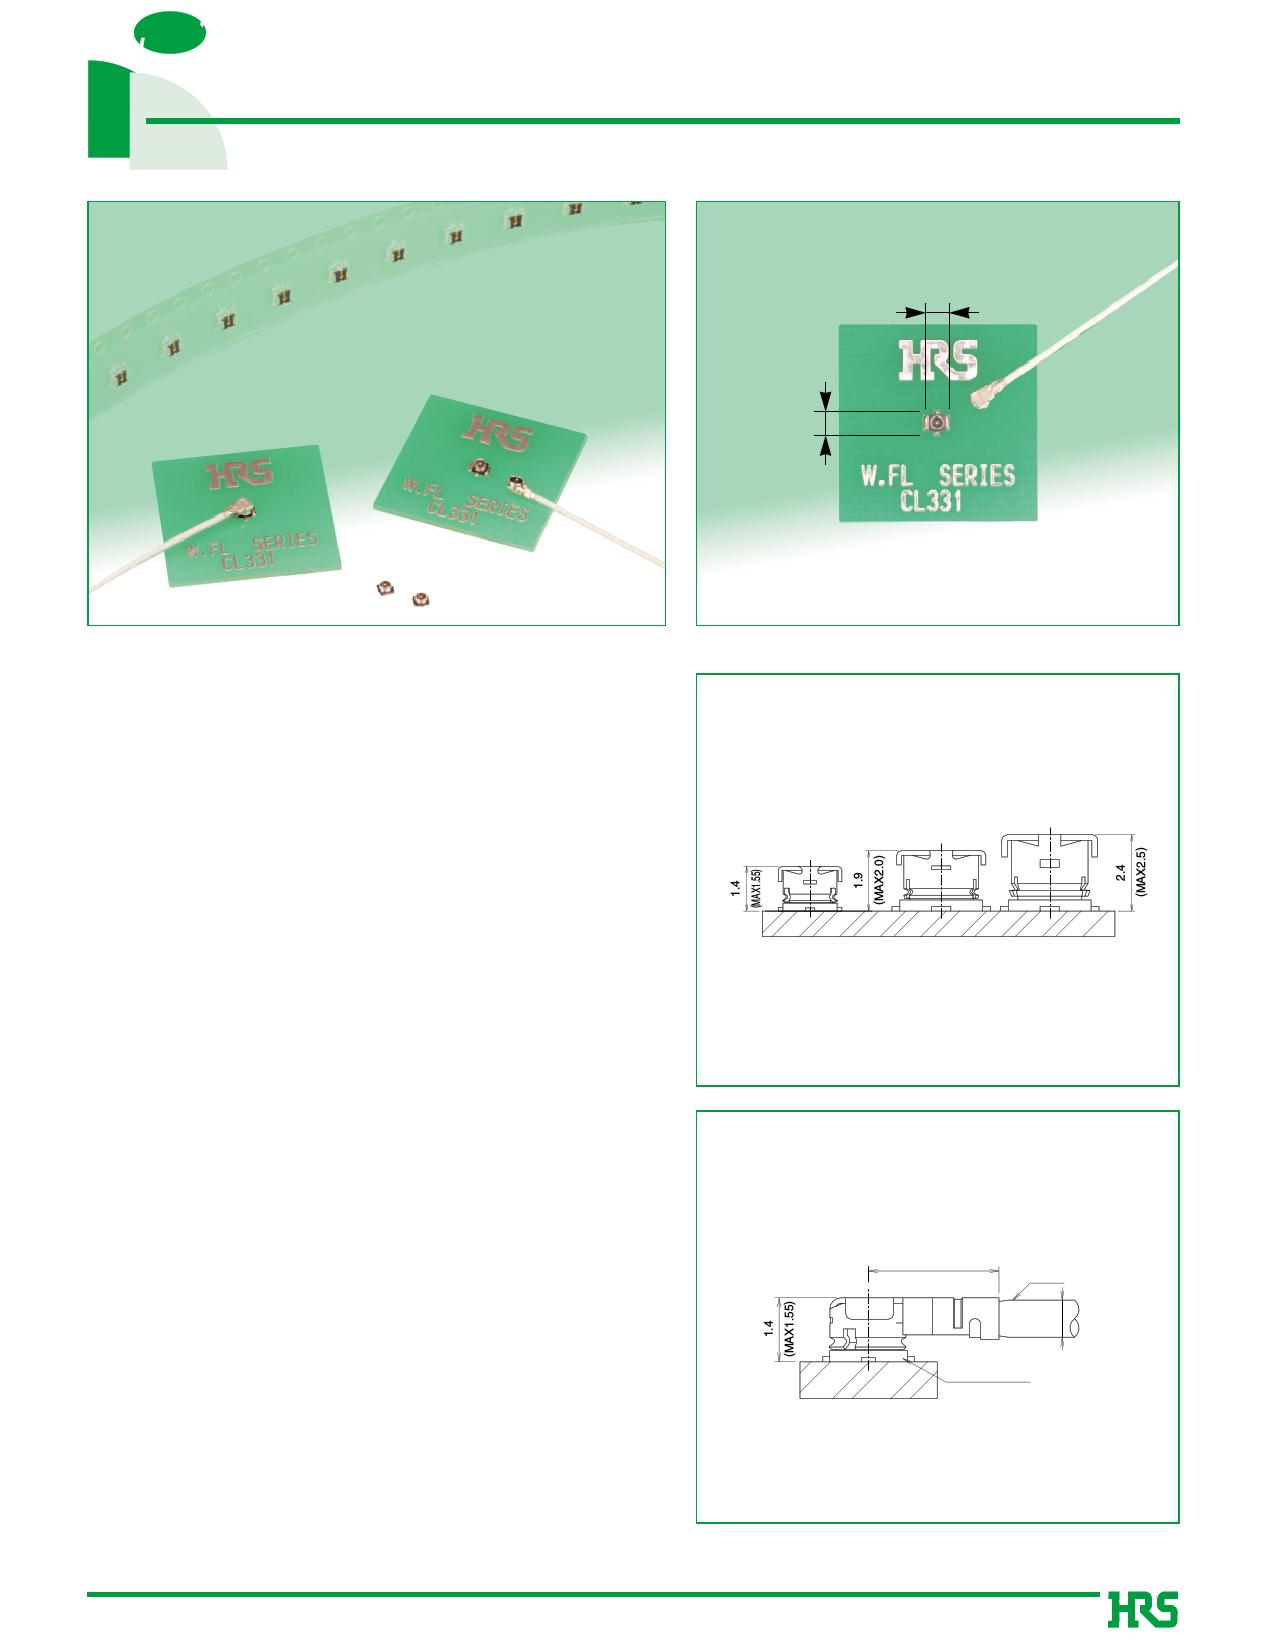 W.FL-2LP-04N2-A Hoja de datos, Descripción, Manual